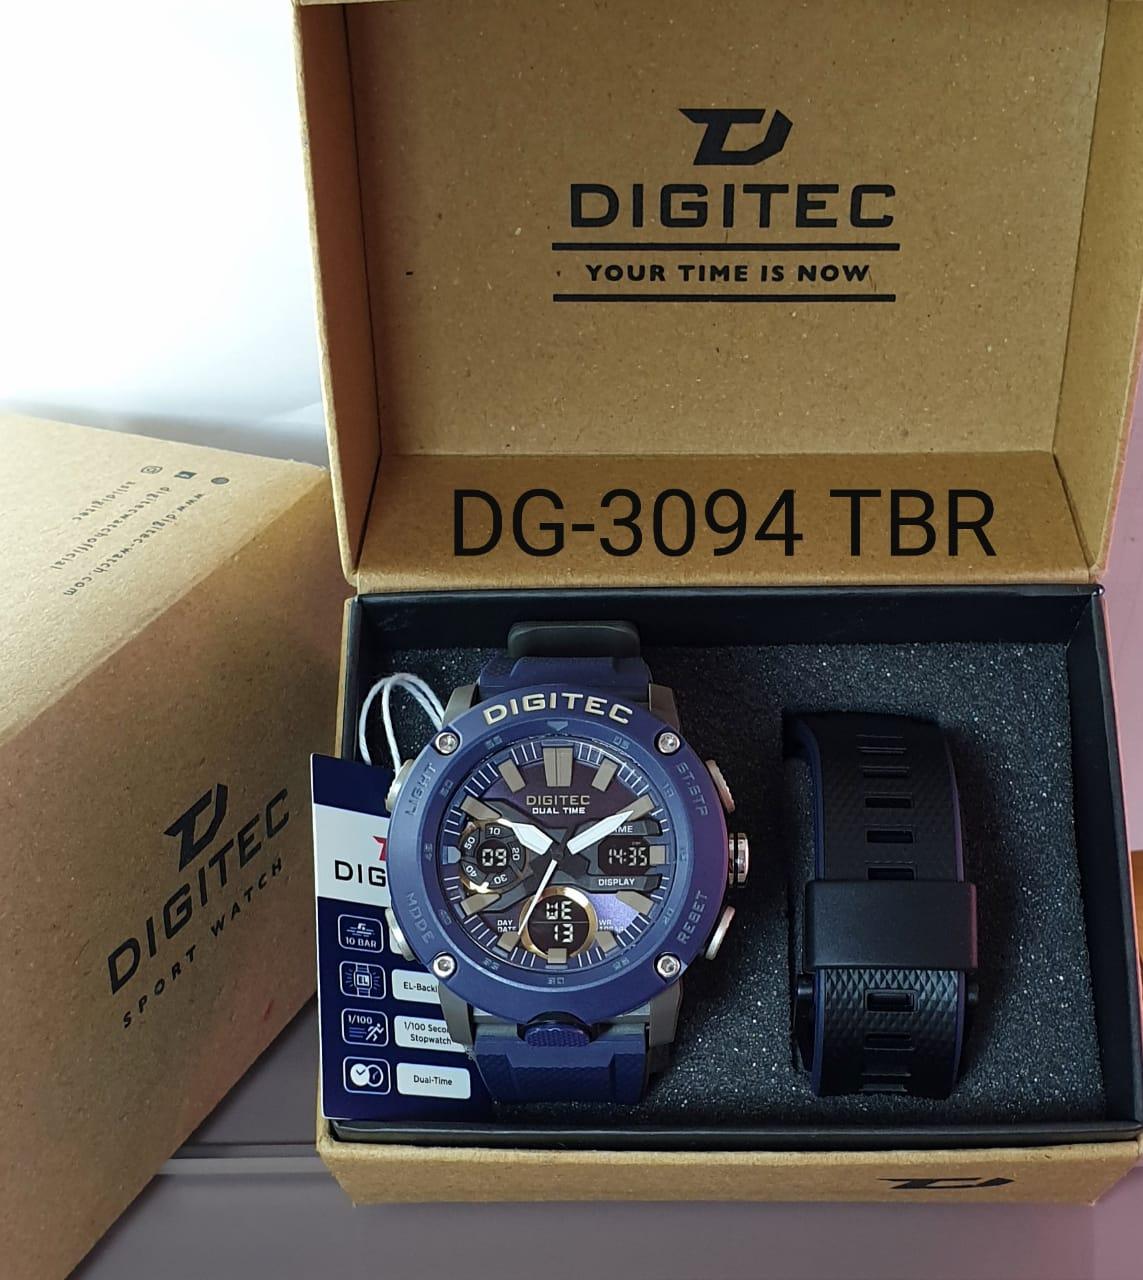 [COD] DG-3094 - JAM TANGAN PRIA DIGITEC DG-3094 DUAL TIME SET FREE BOX + TALI CADANGAN SWM1900